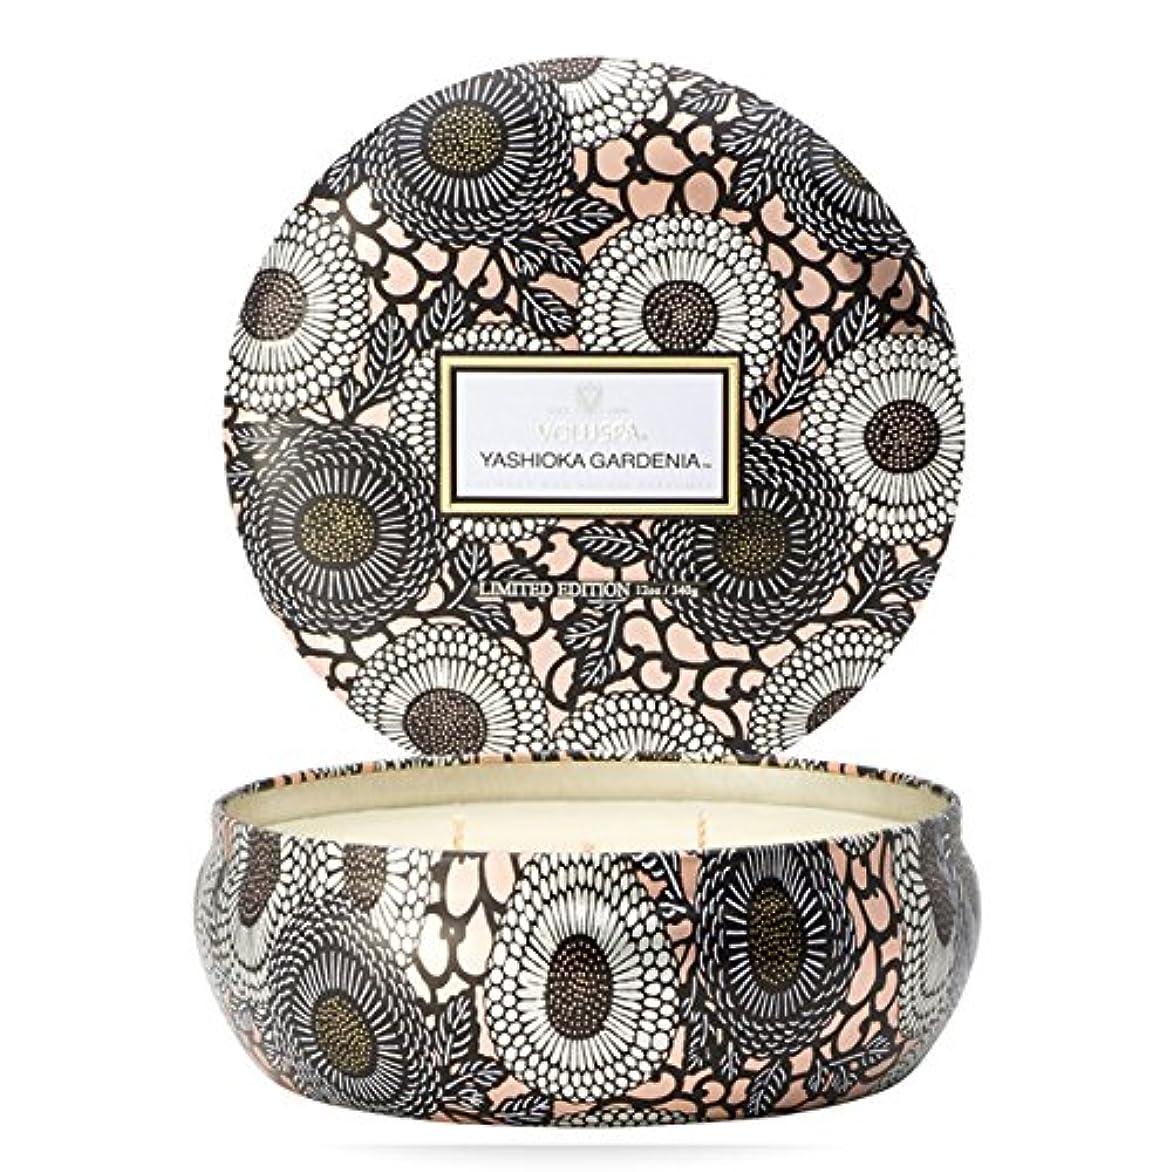 レスリング工場バイパスVoluspa ボルスパ ジャポニカ リミテッド 3-Wick ティンキャンドル  ヤシオカガーデニア YASHIOKA GARDENIA JAPONICA Limited 3-ウィック Tin Glass Candle